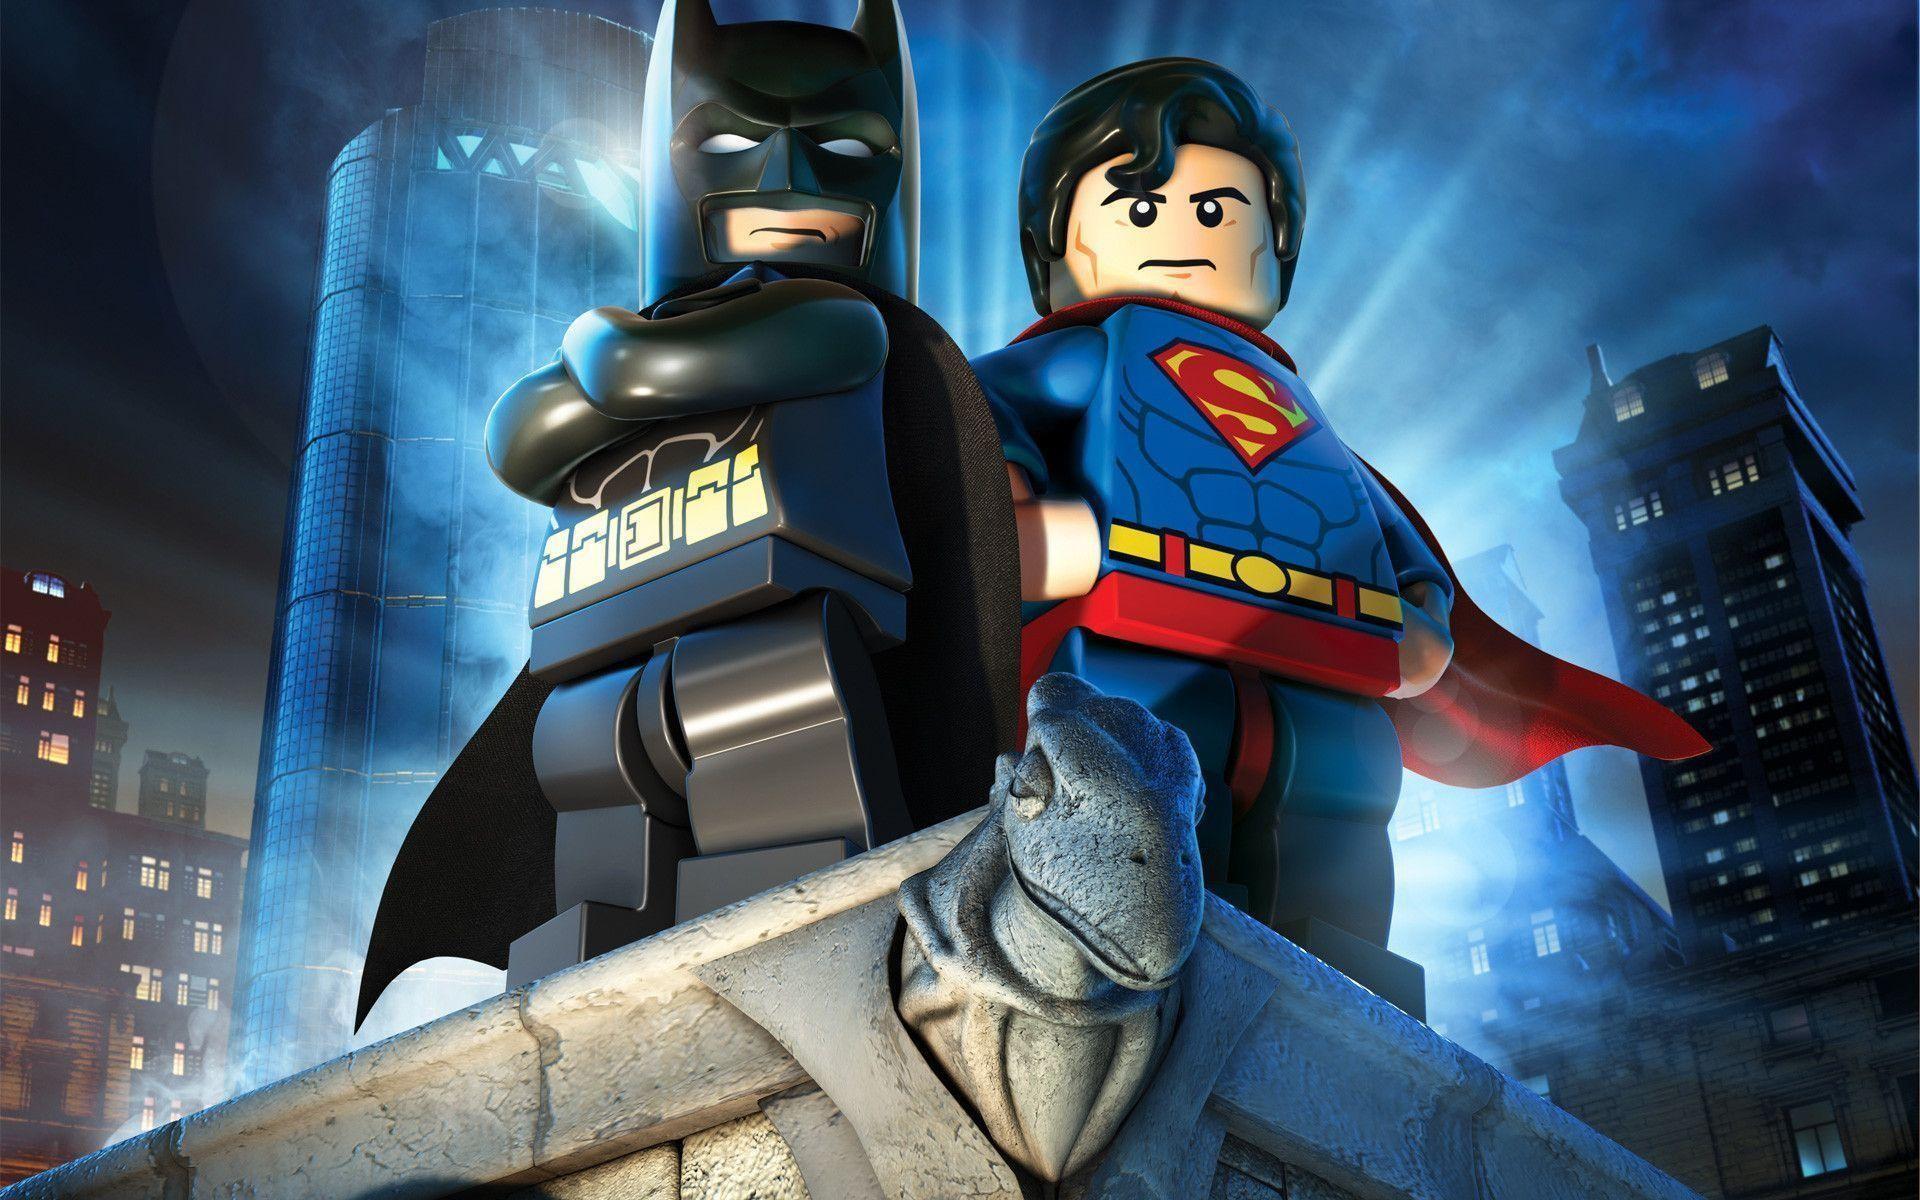 Res: 1920x1200, Free Lego Batman 2: DC Super Heroes Wallpaper in